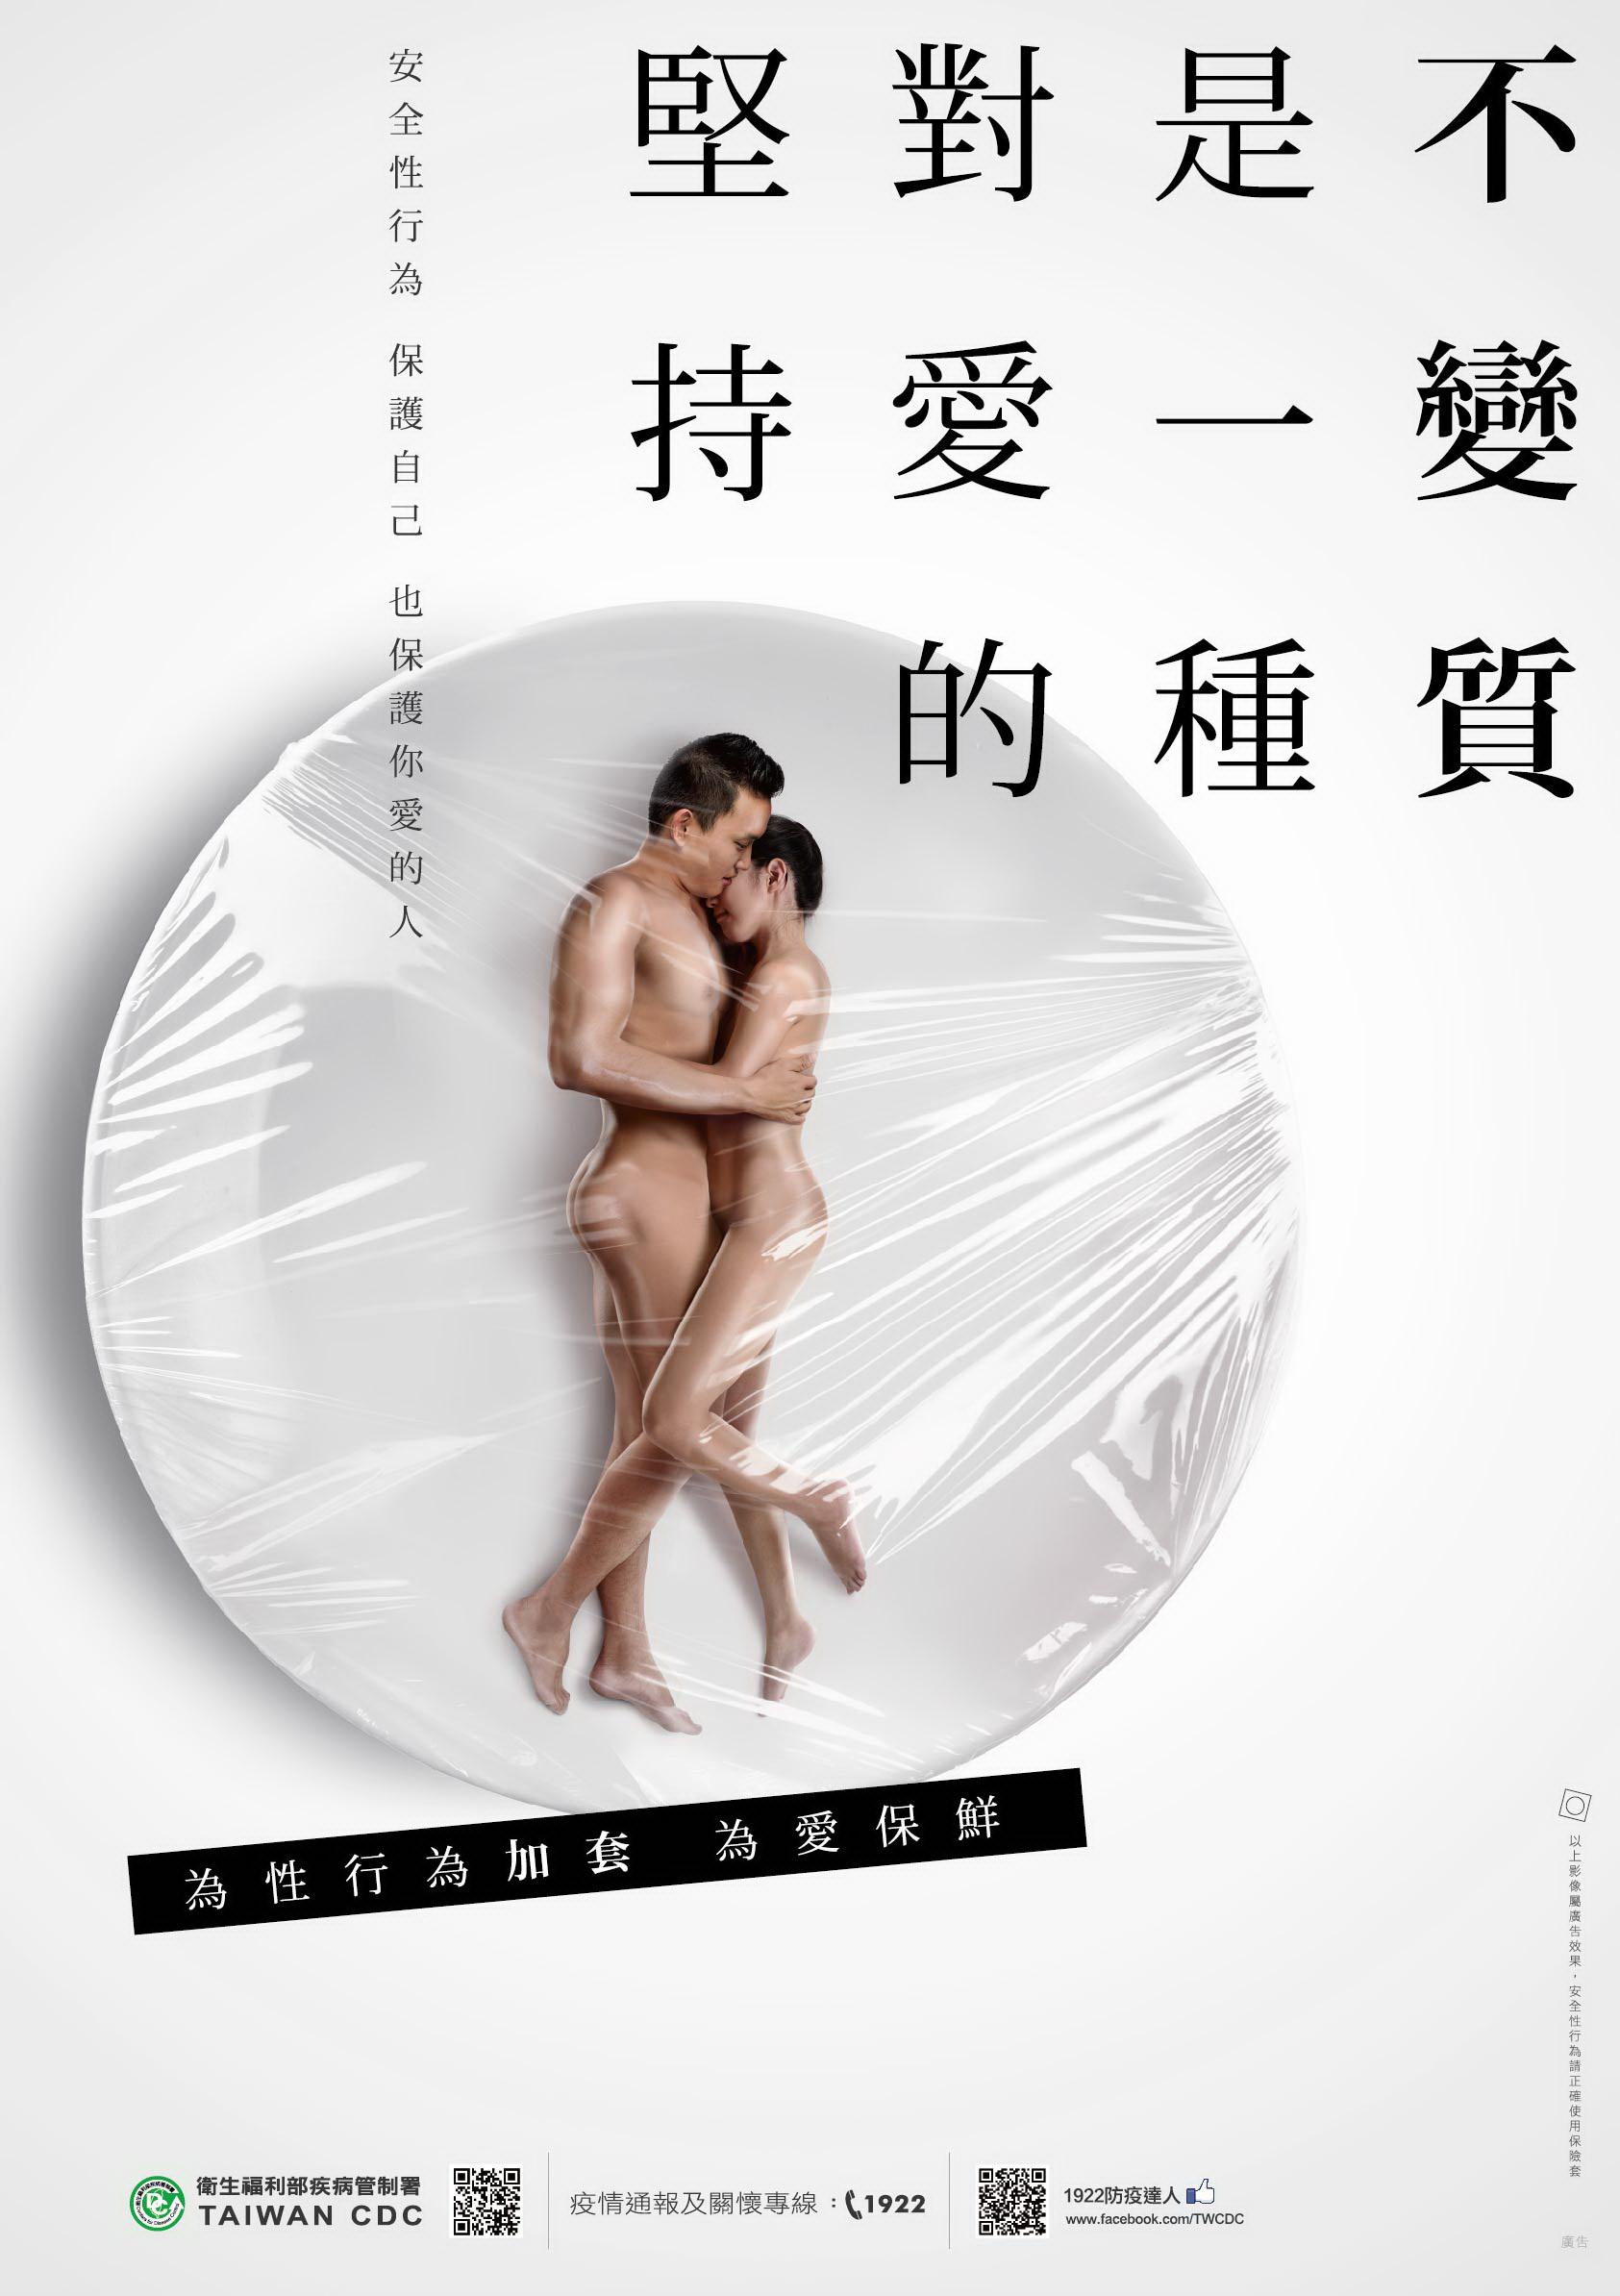 愛滋防治海報(不變質是一種對愛的堅持)